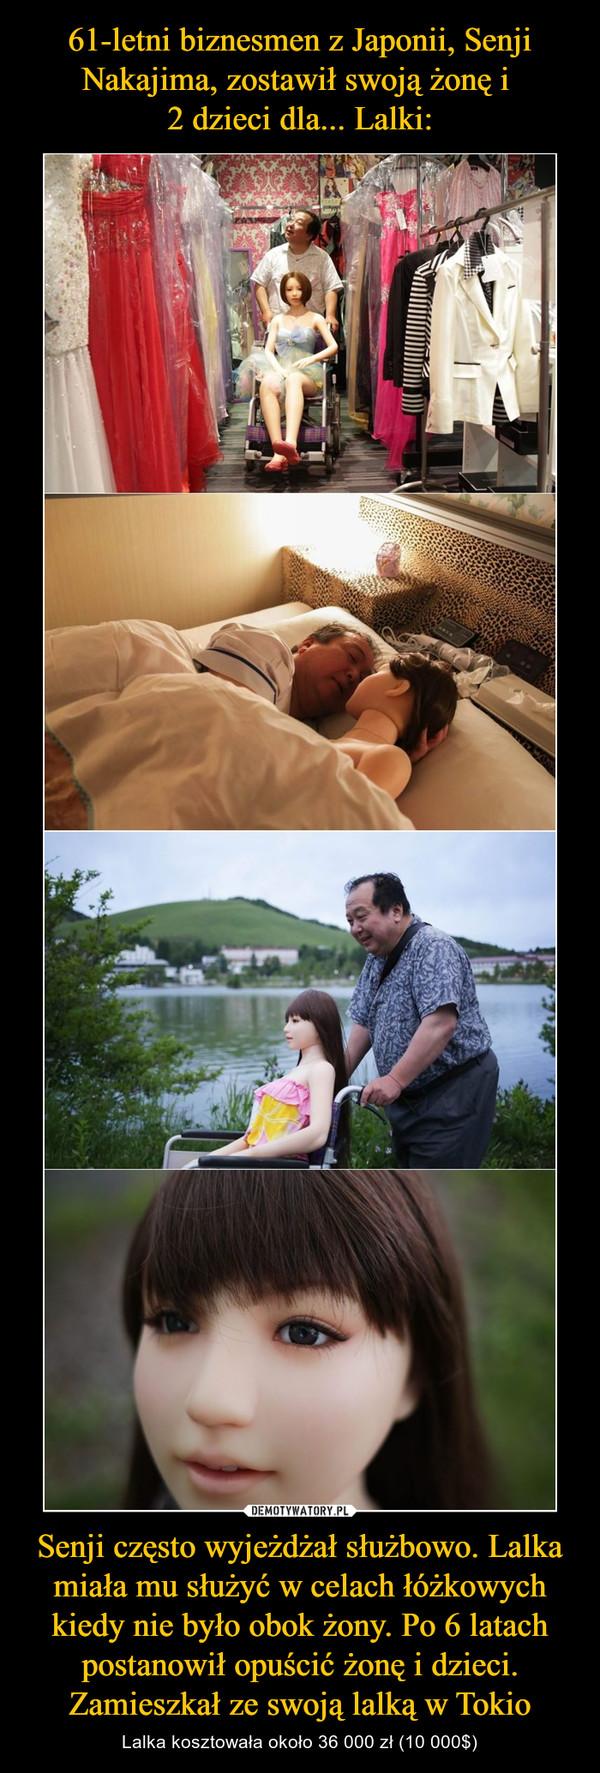 Senji często wyjeżdżał służbowo. Lalka miała mu służyć w celach łóżkowych kiedy nie było obok żony. Po 6 latach postanowił opuścić żonę i dzieci. Zamieszkał ze swoją lalką w Tokio – Lalka kosztowała około 36 000 zł (10 000$)